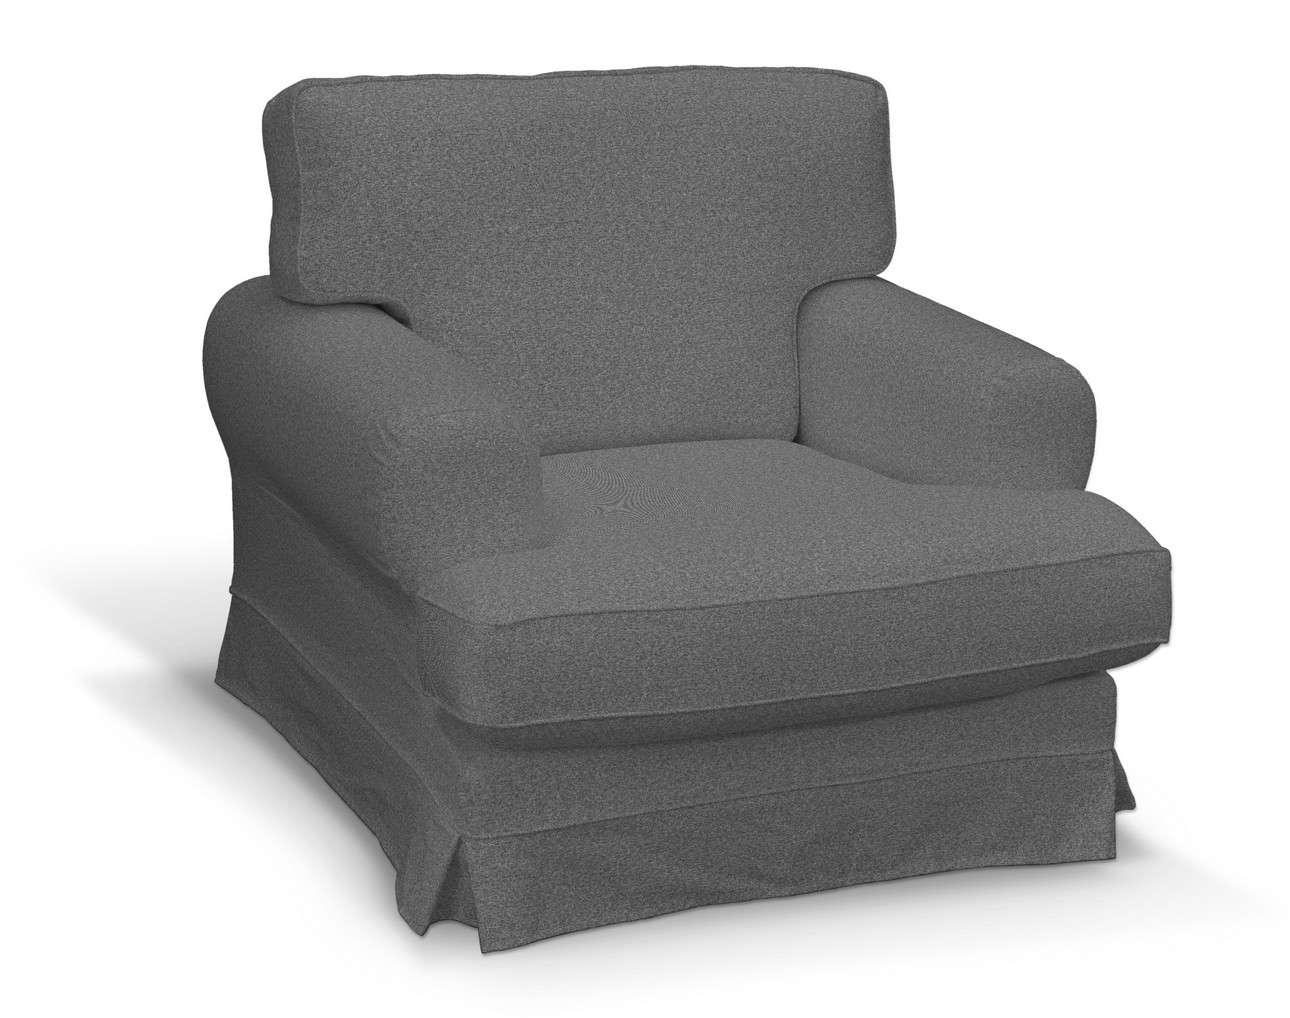 Bezug für Ekeskog Sessel von der Kollektion Amsterdam, Stoff: 704-47